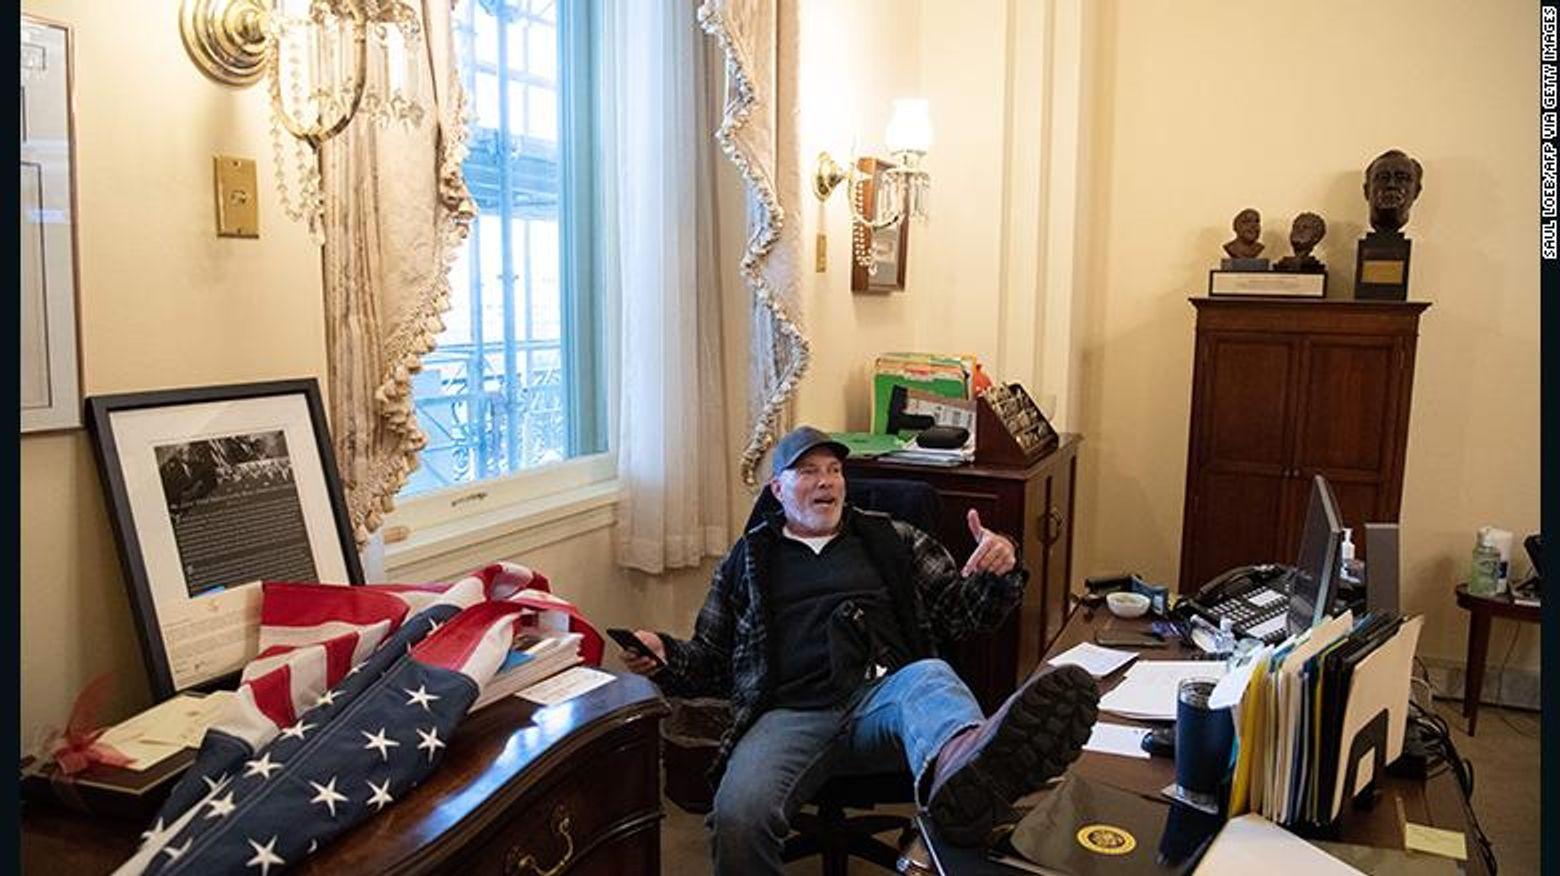 Richard Barnett sat inside the office of House Speaker Nancy Pelosi during the January 6 riot